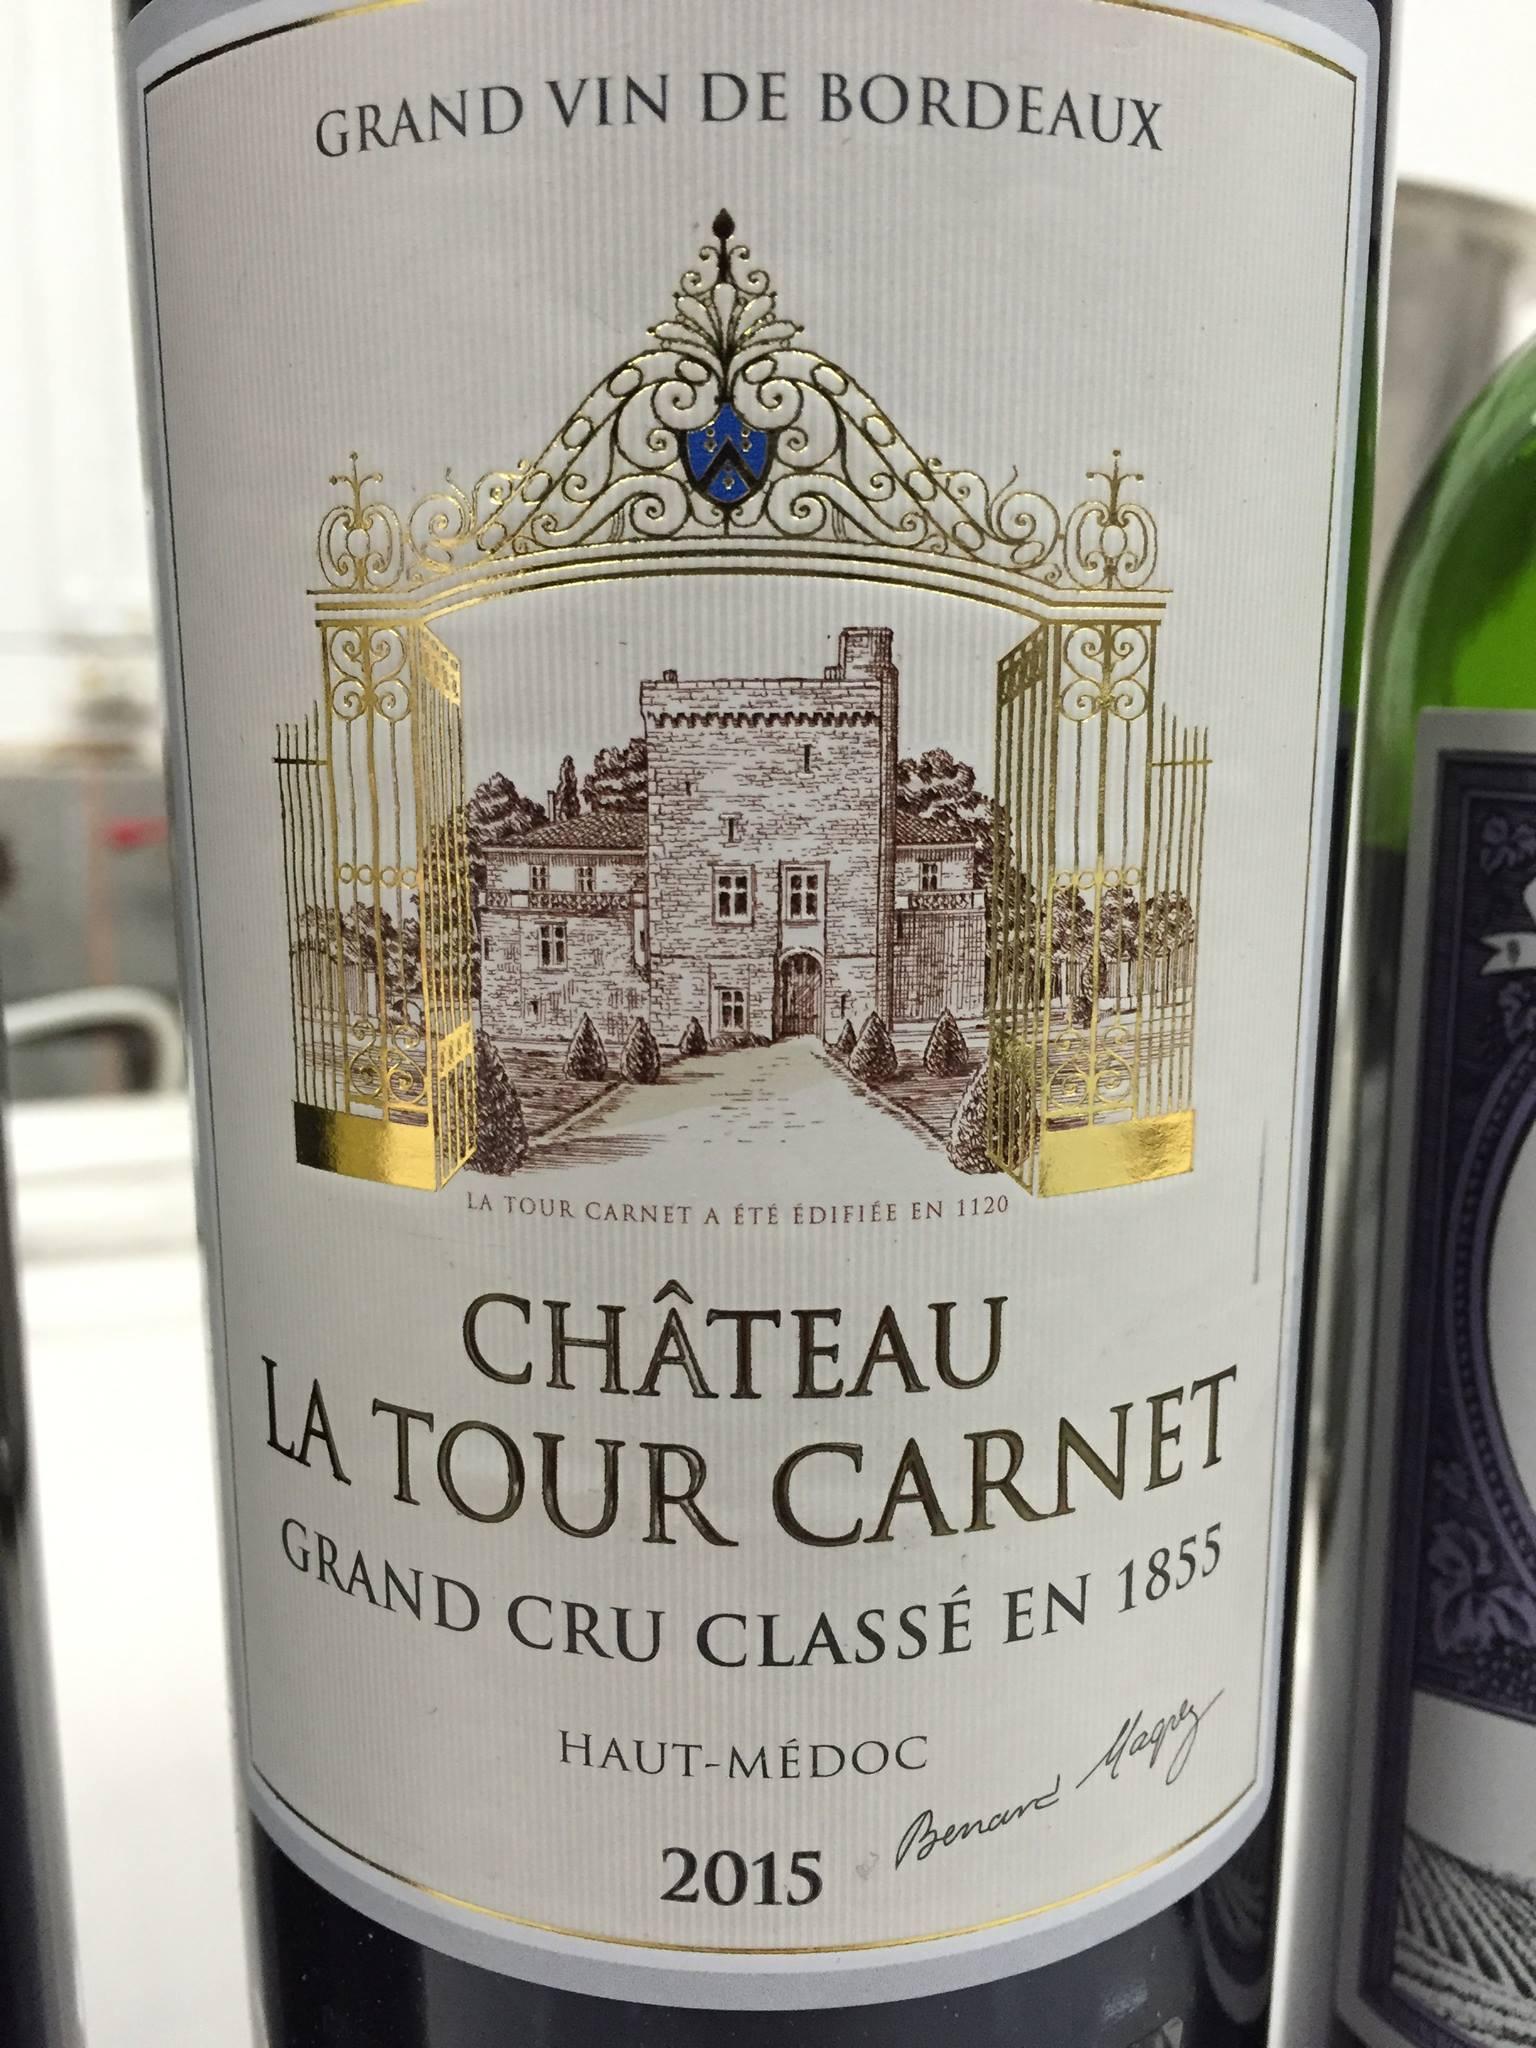 Château La Tour Carnet 2015 – Haut-Médoc, 4ème Grand Cru Classé